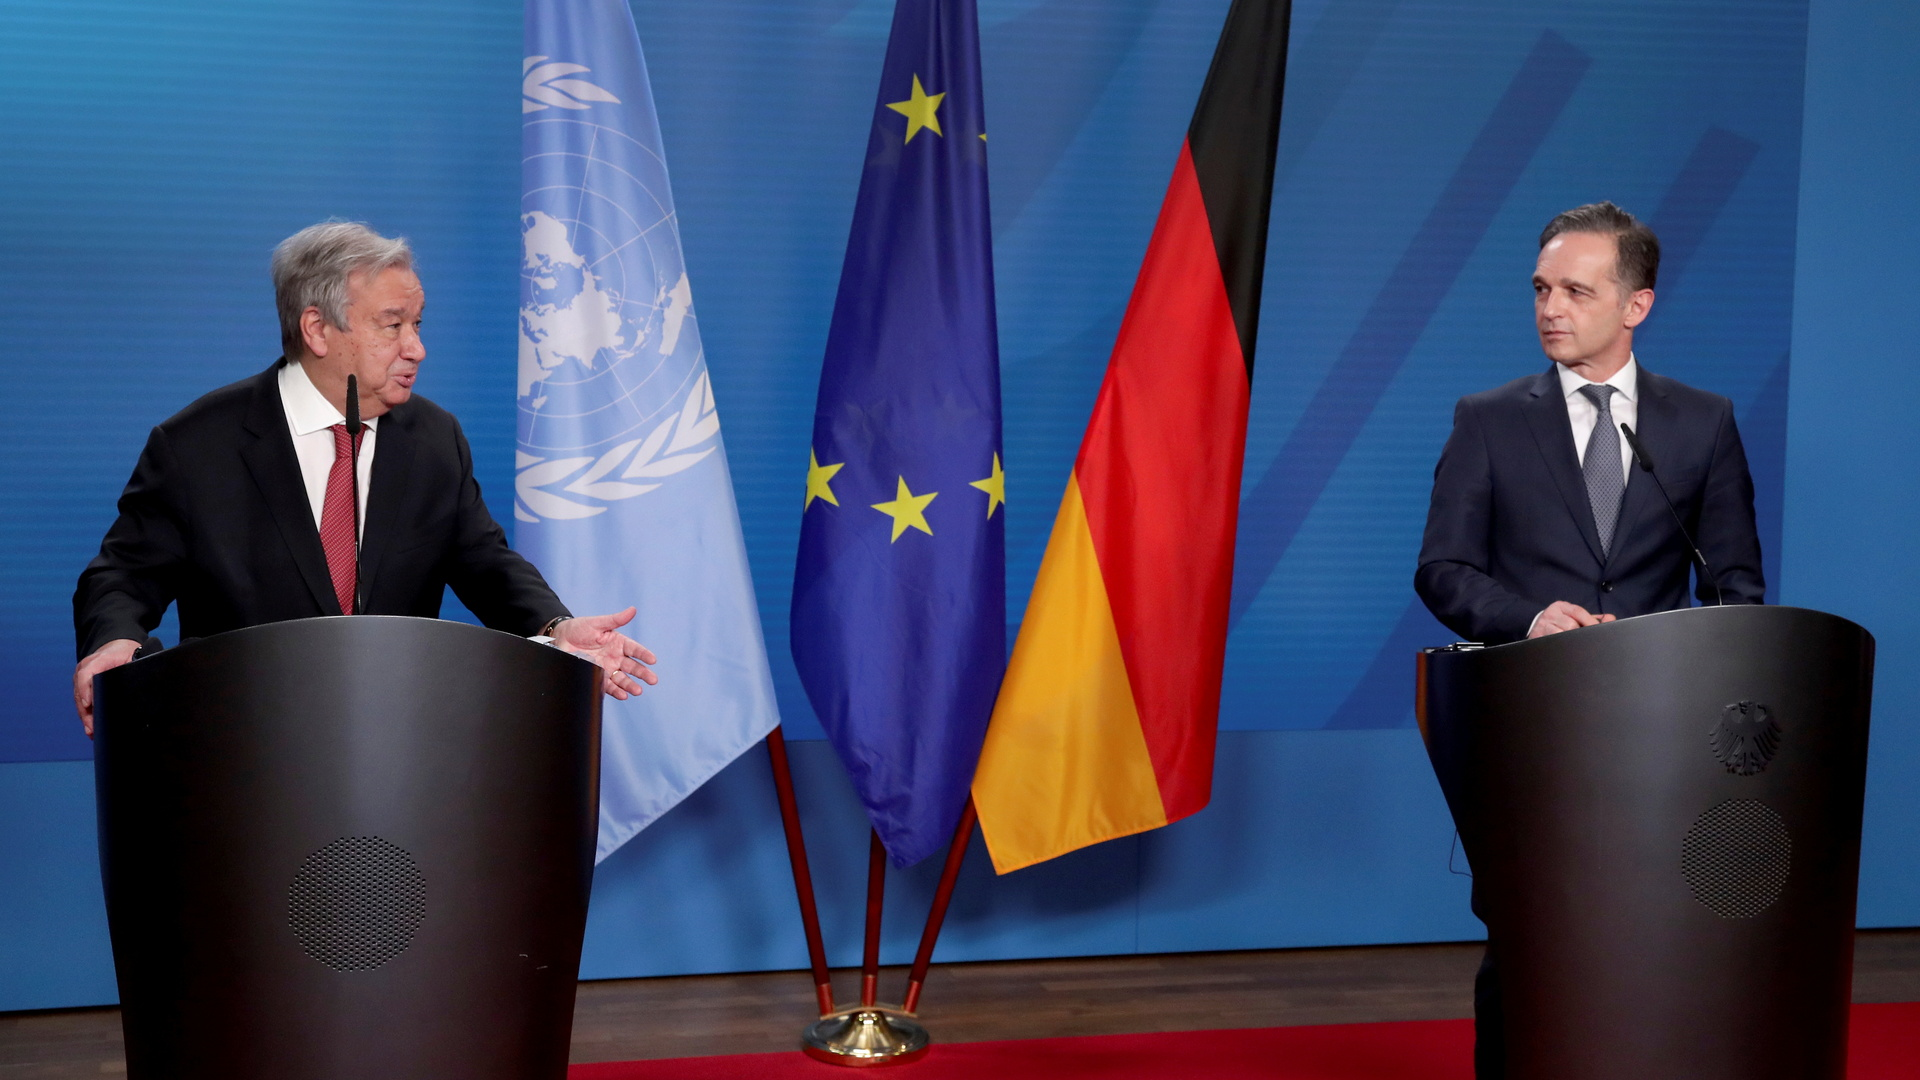 روسيا تتلقى دعوة رسمية للمشاركة في مؤتمر برلين حول ليبيا في 23 يونيو